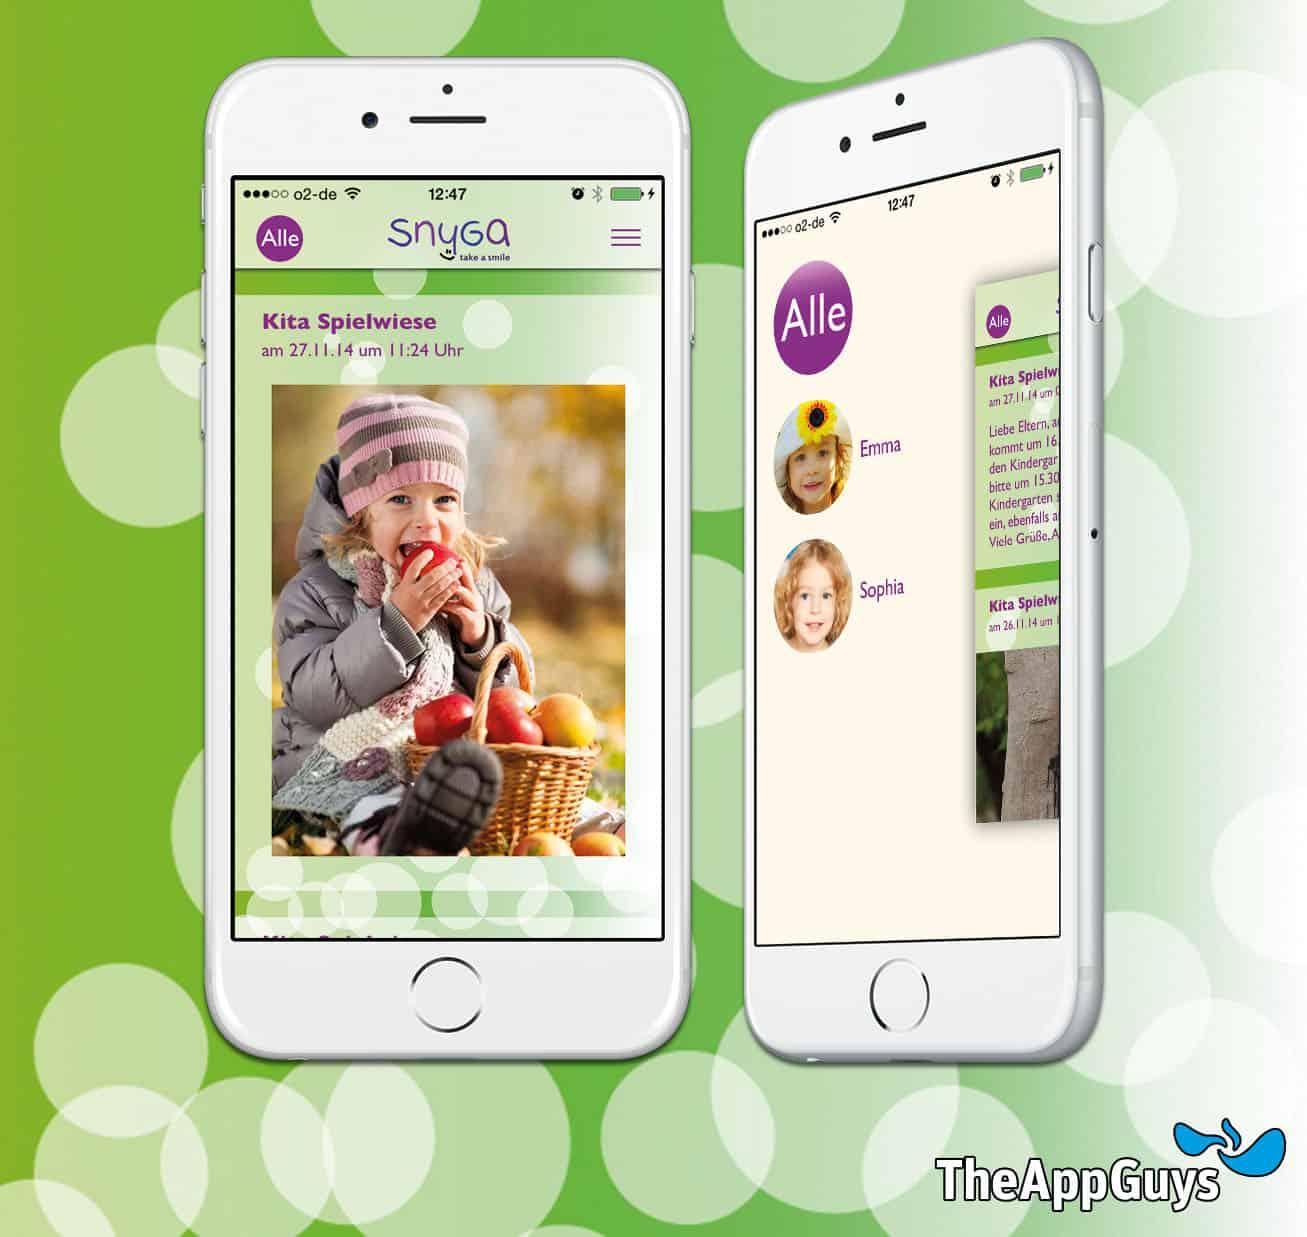 Erstmals per Smartphone: Nachrichten und Fotos aus der Kita in Echtzeit abrufbar. Snyga Familien App: ab 8. Dezember 2014 kostenlos im iTunes Store erhältlich